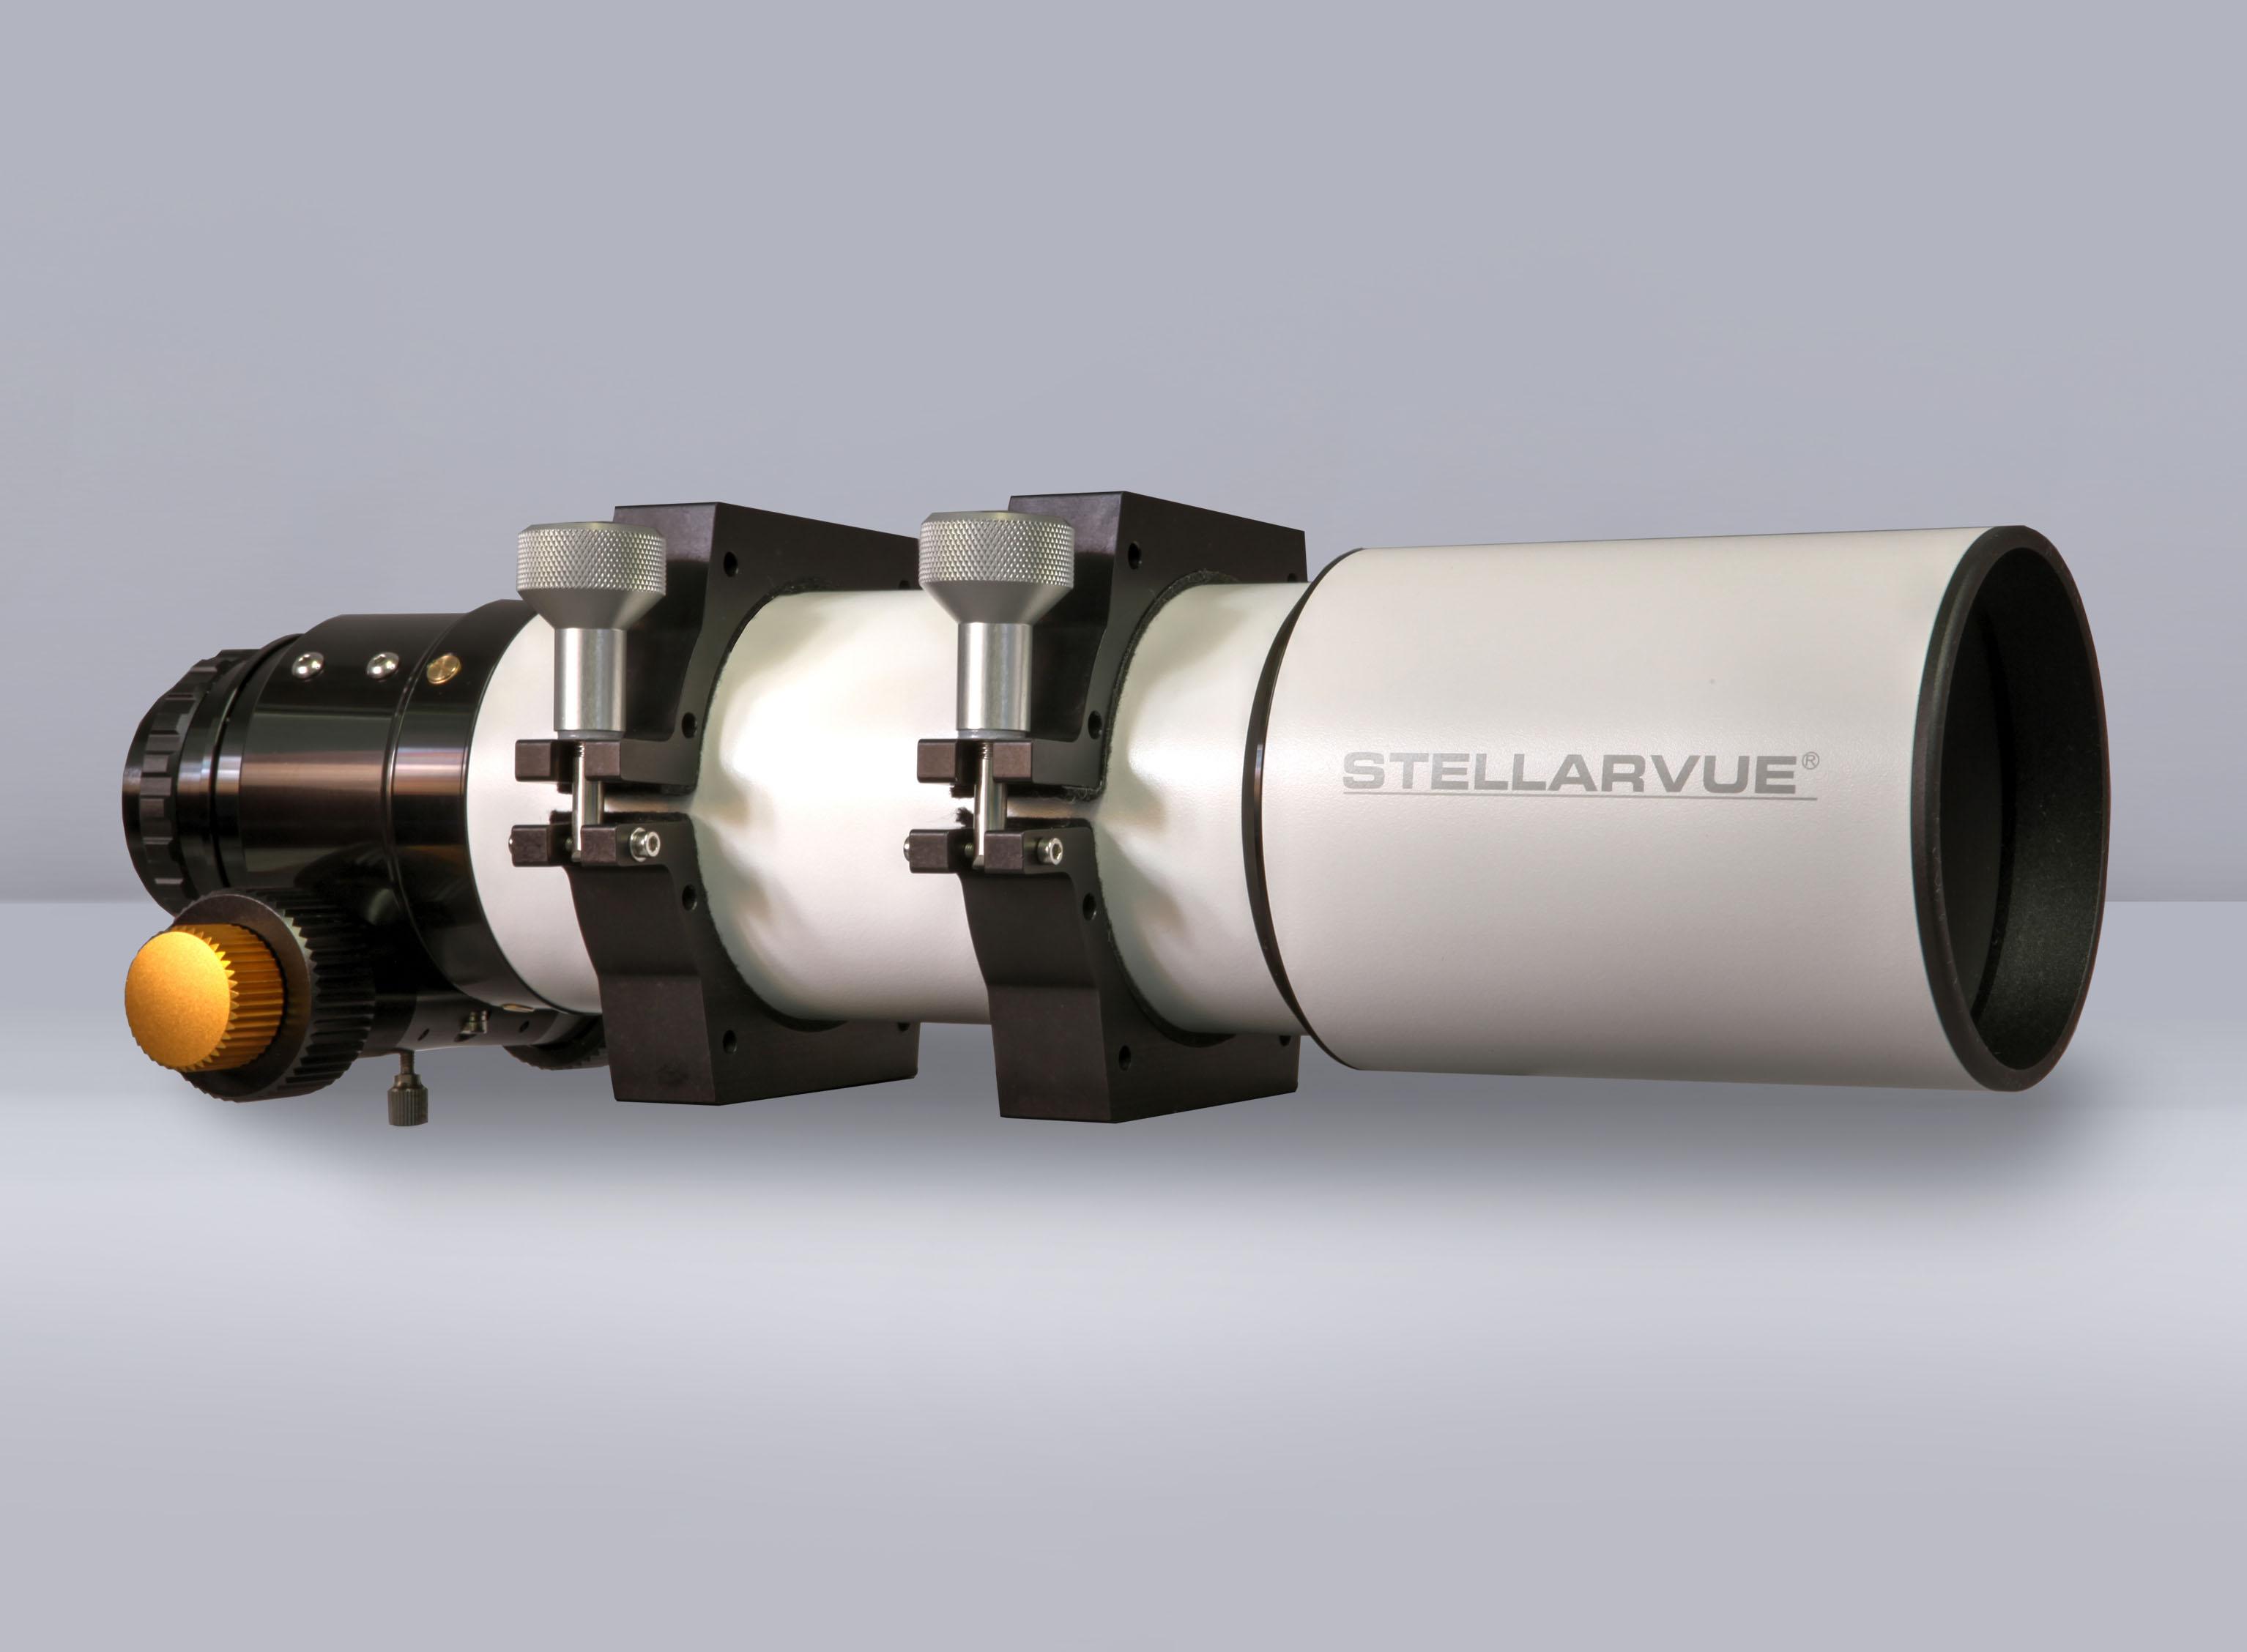 svx80t-25sv-gray-bkgnd.jpg